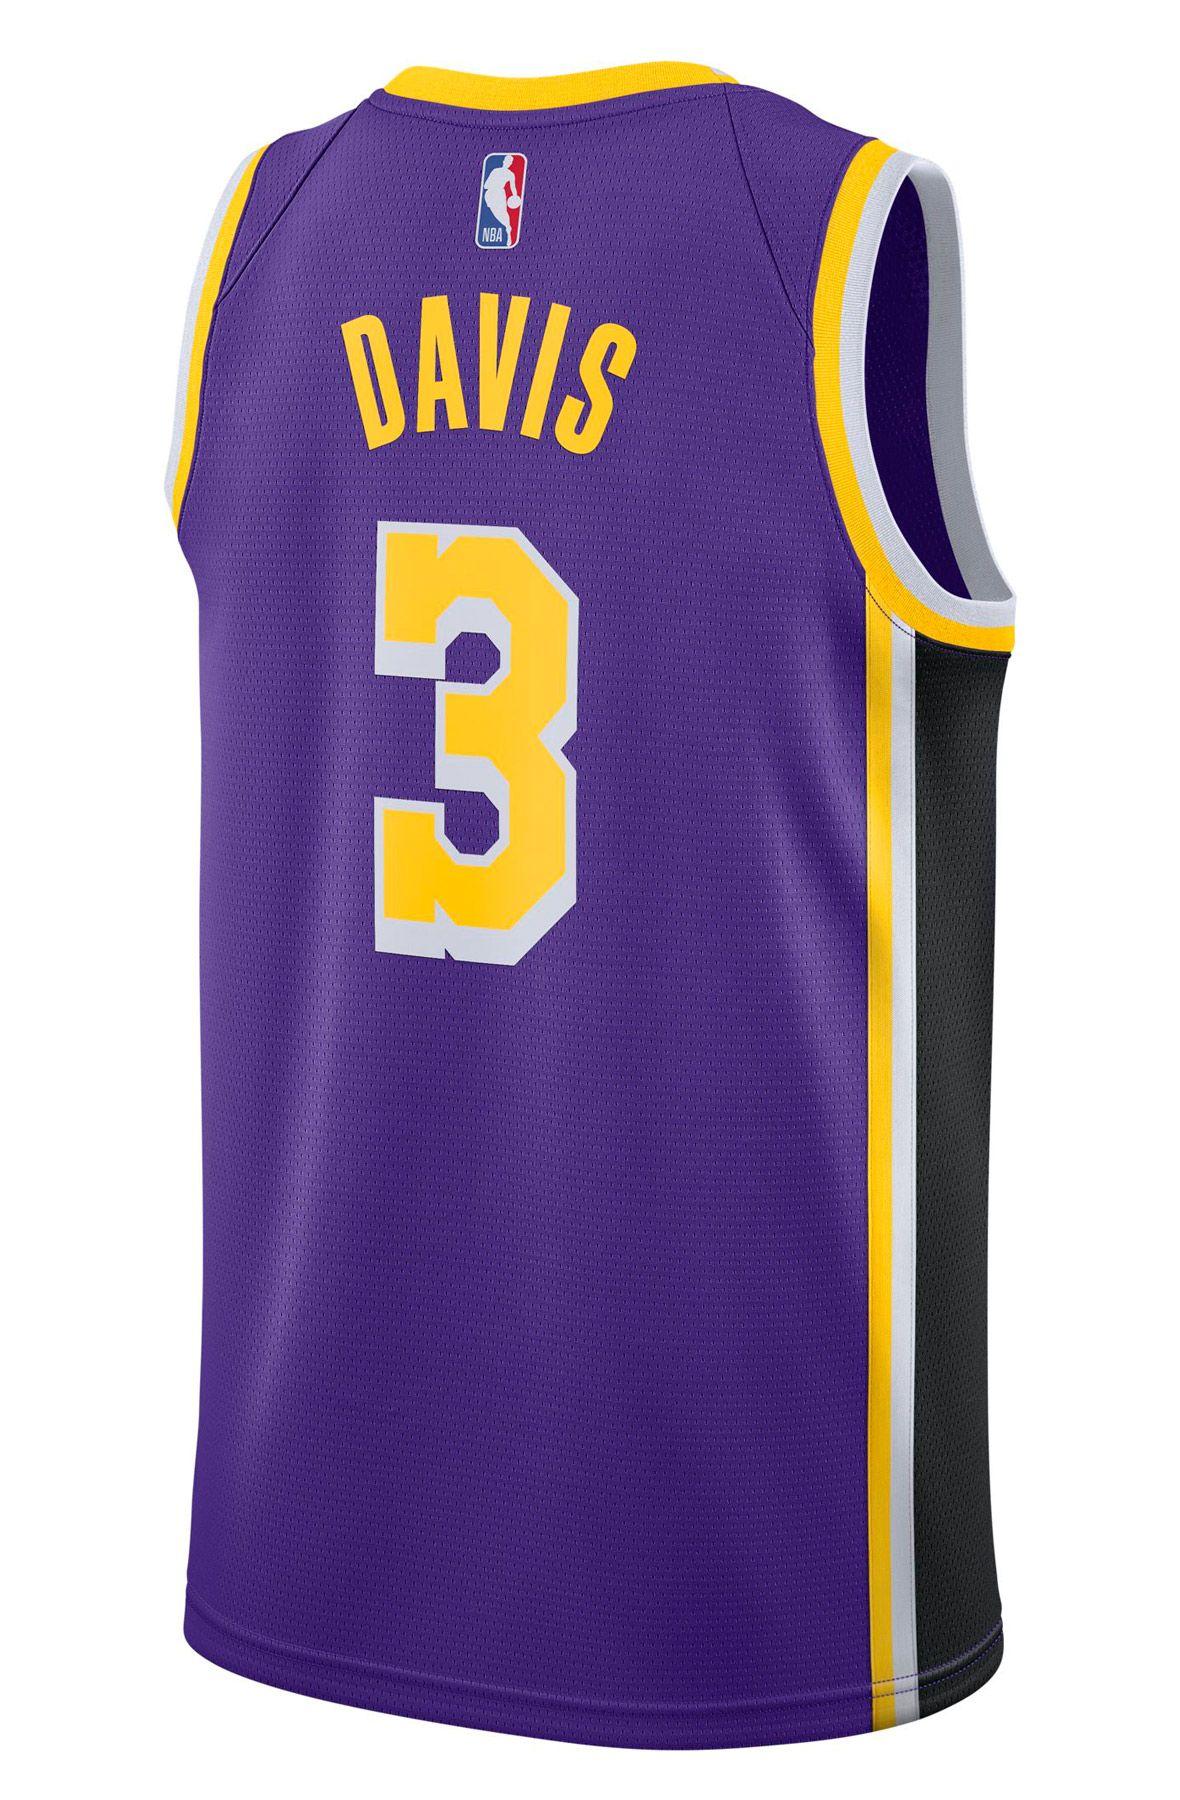 ANTHONY DAVIS LAKERS STATEMENT EDITION 2020 NBA SWINGMAN JERSEY